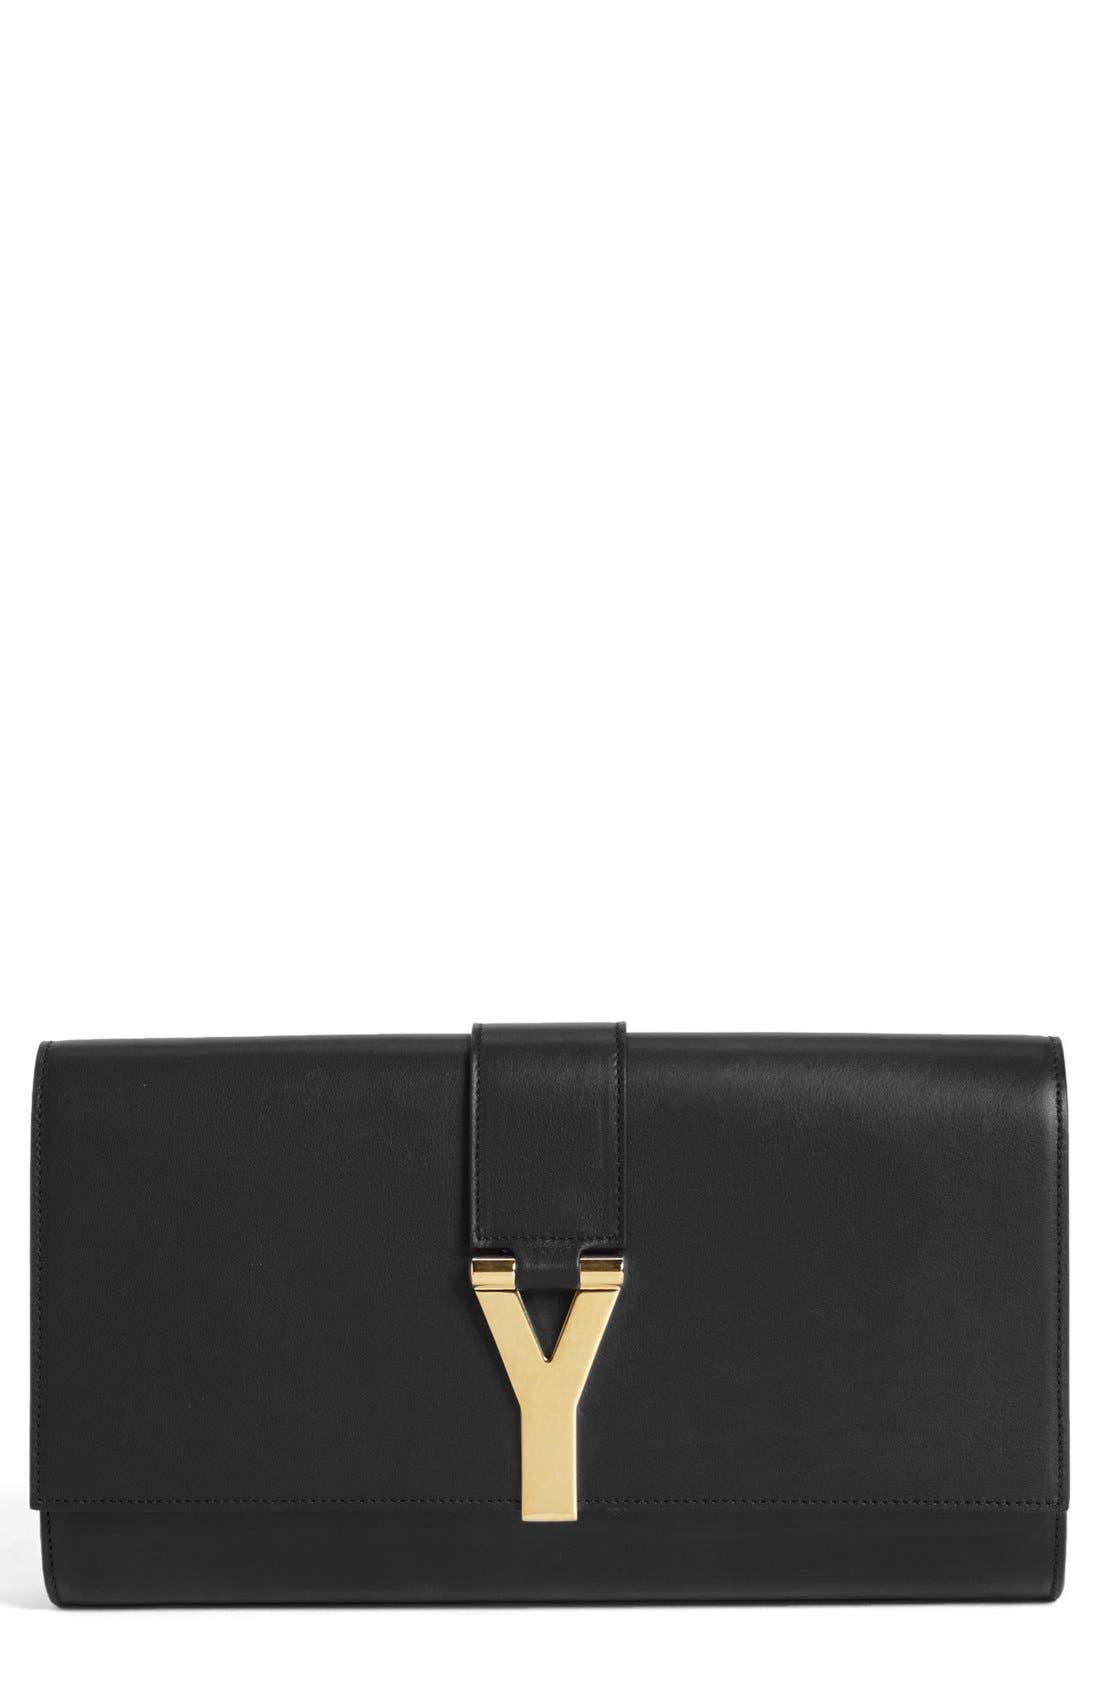 SAINT LAURENT 'Y' Leather Clutch, Main, color, 001